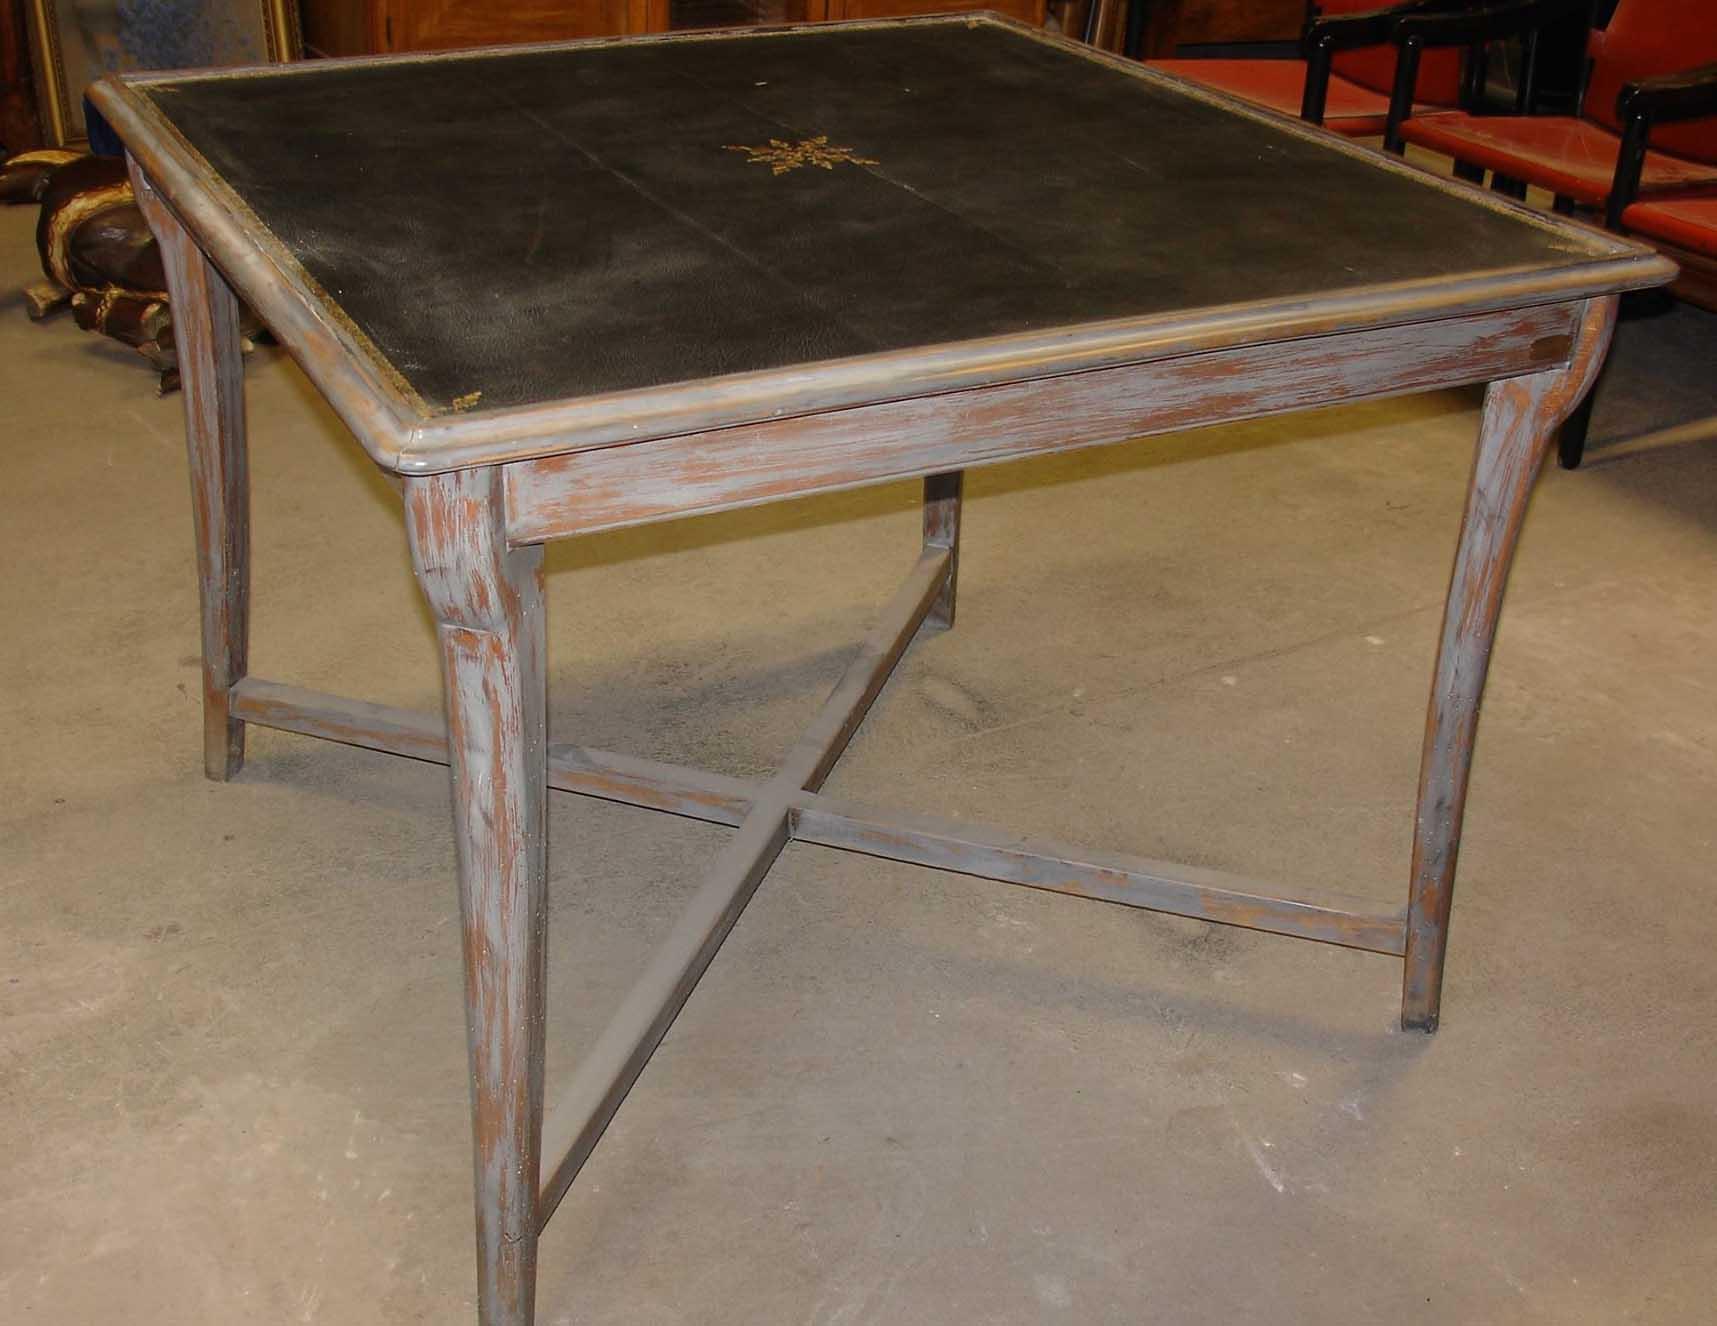 Comment Patiner Une Table meubles relookés - brocanteur-antiquaire à beziers dans l